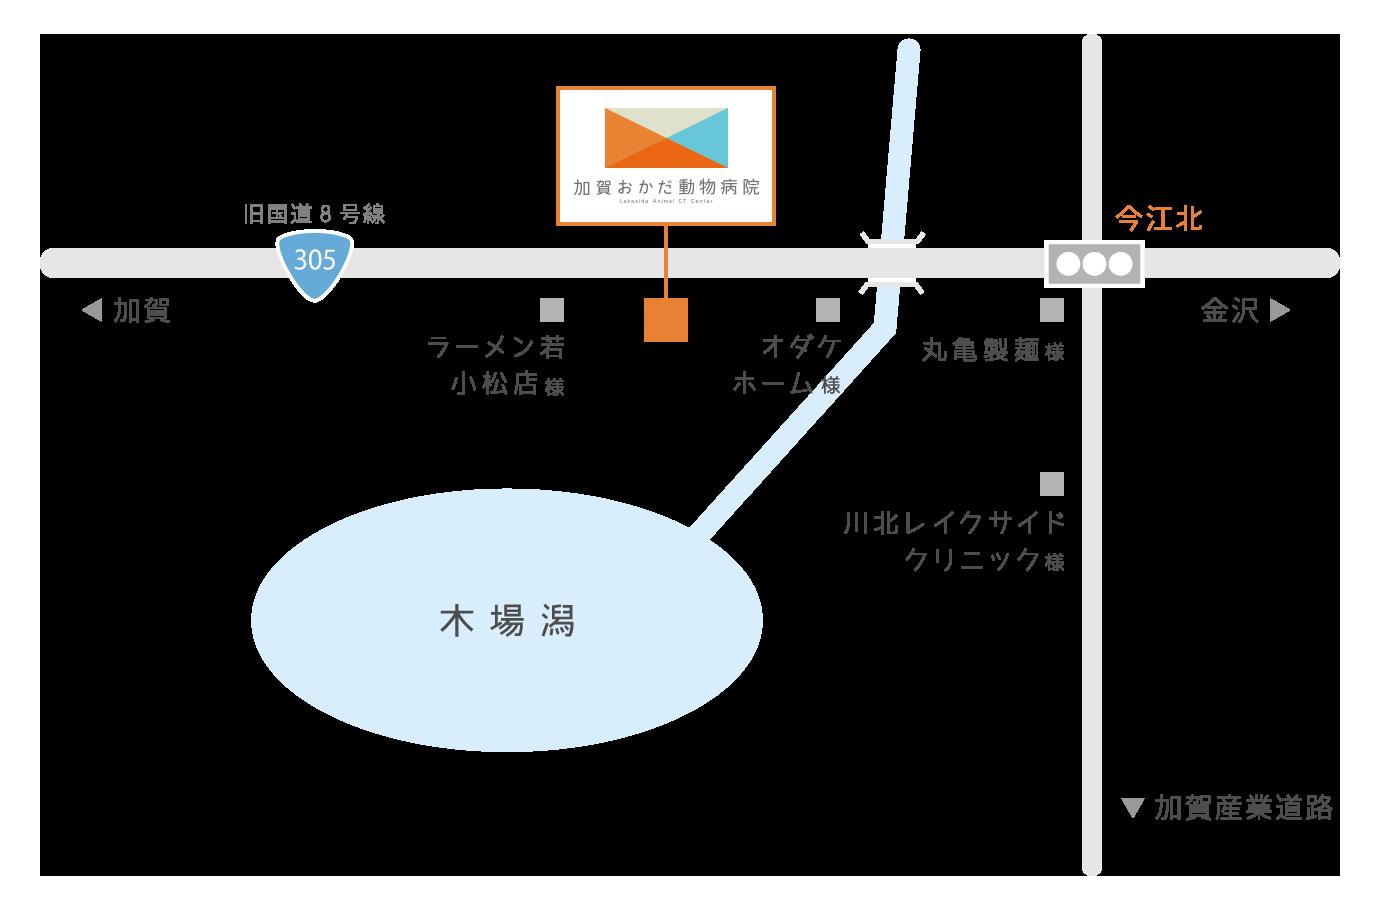 田原台動物病院 トップページ -